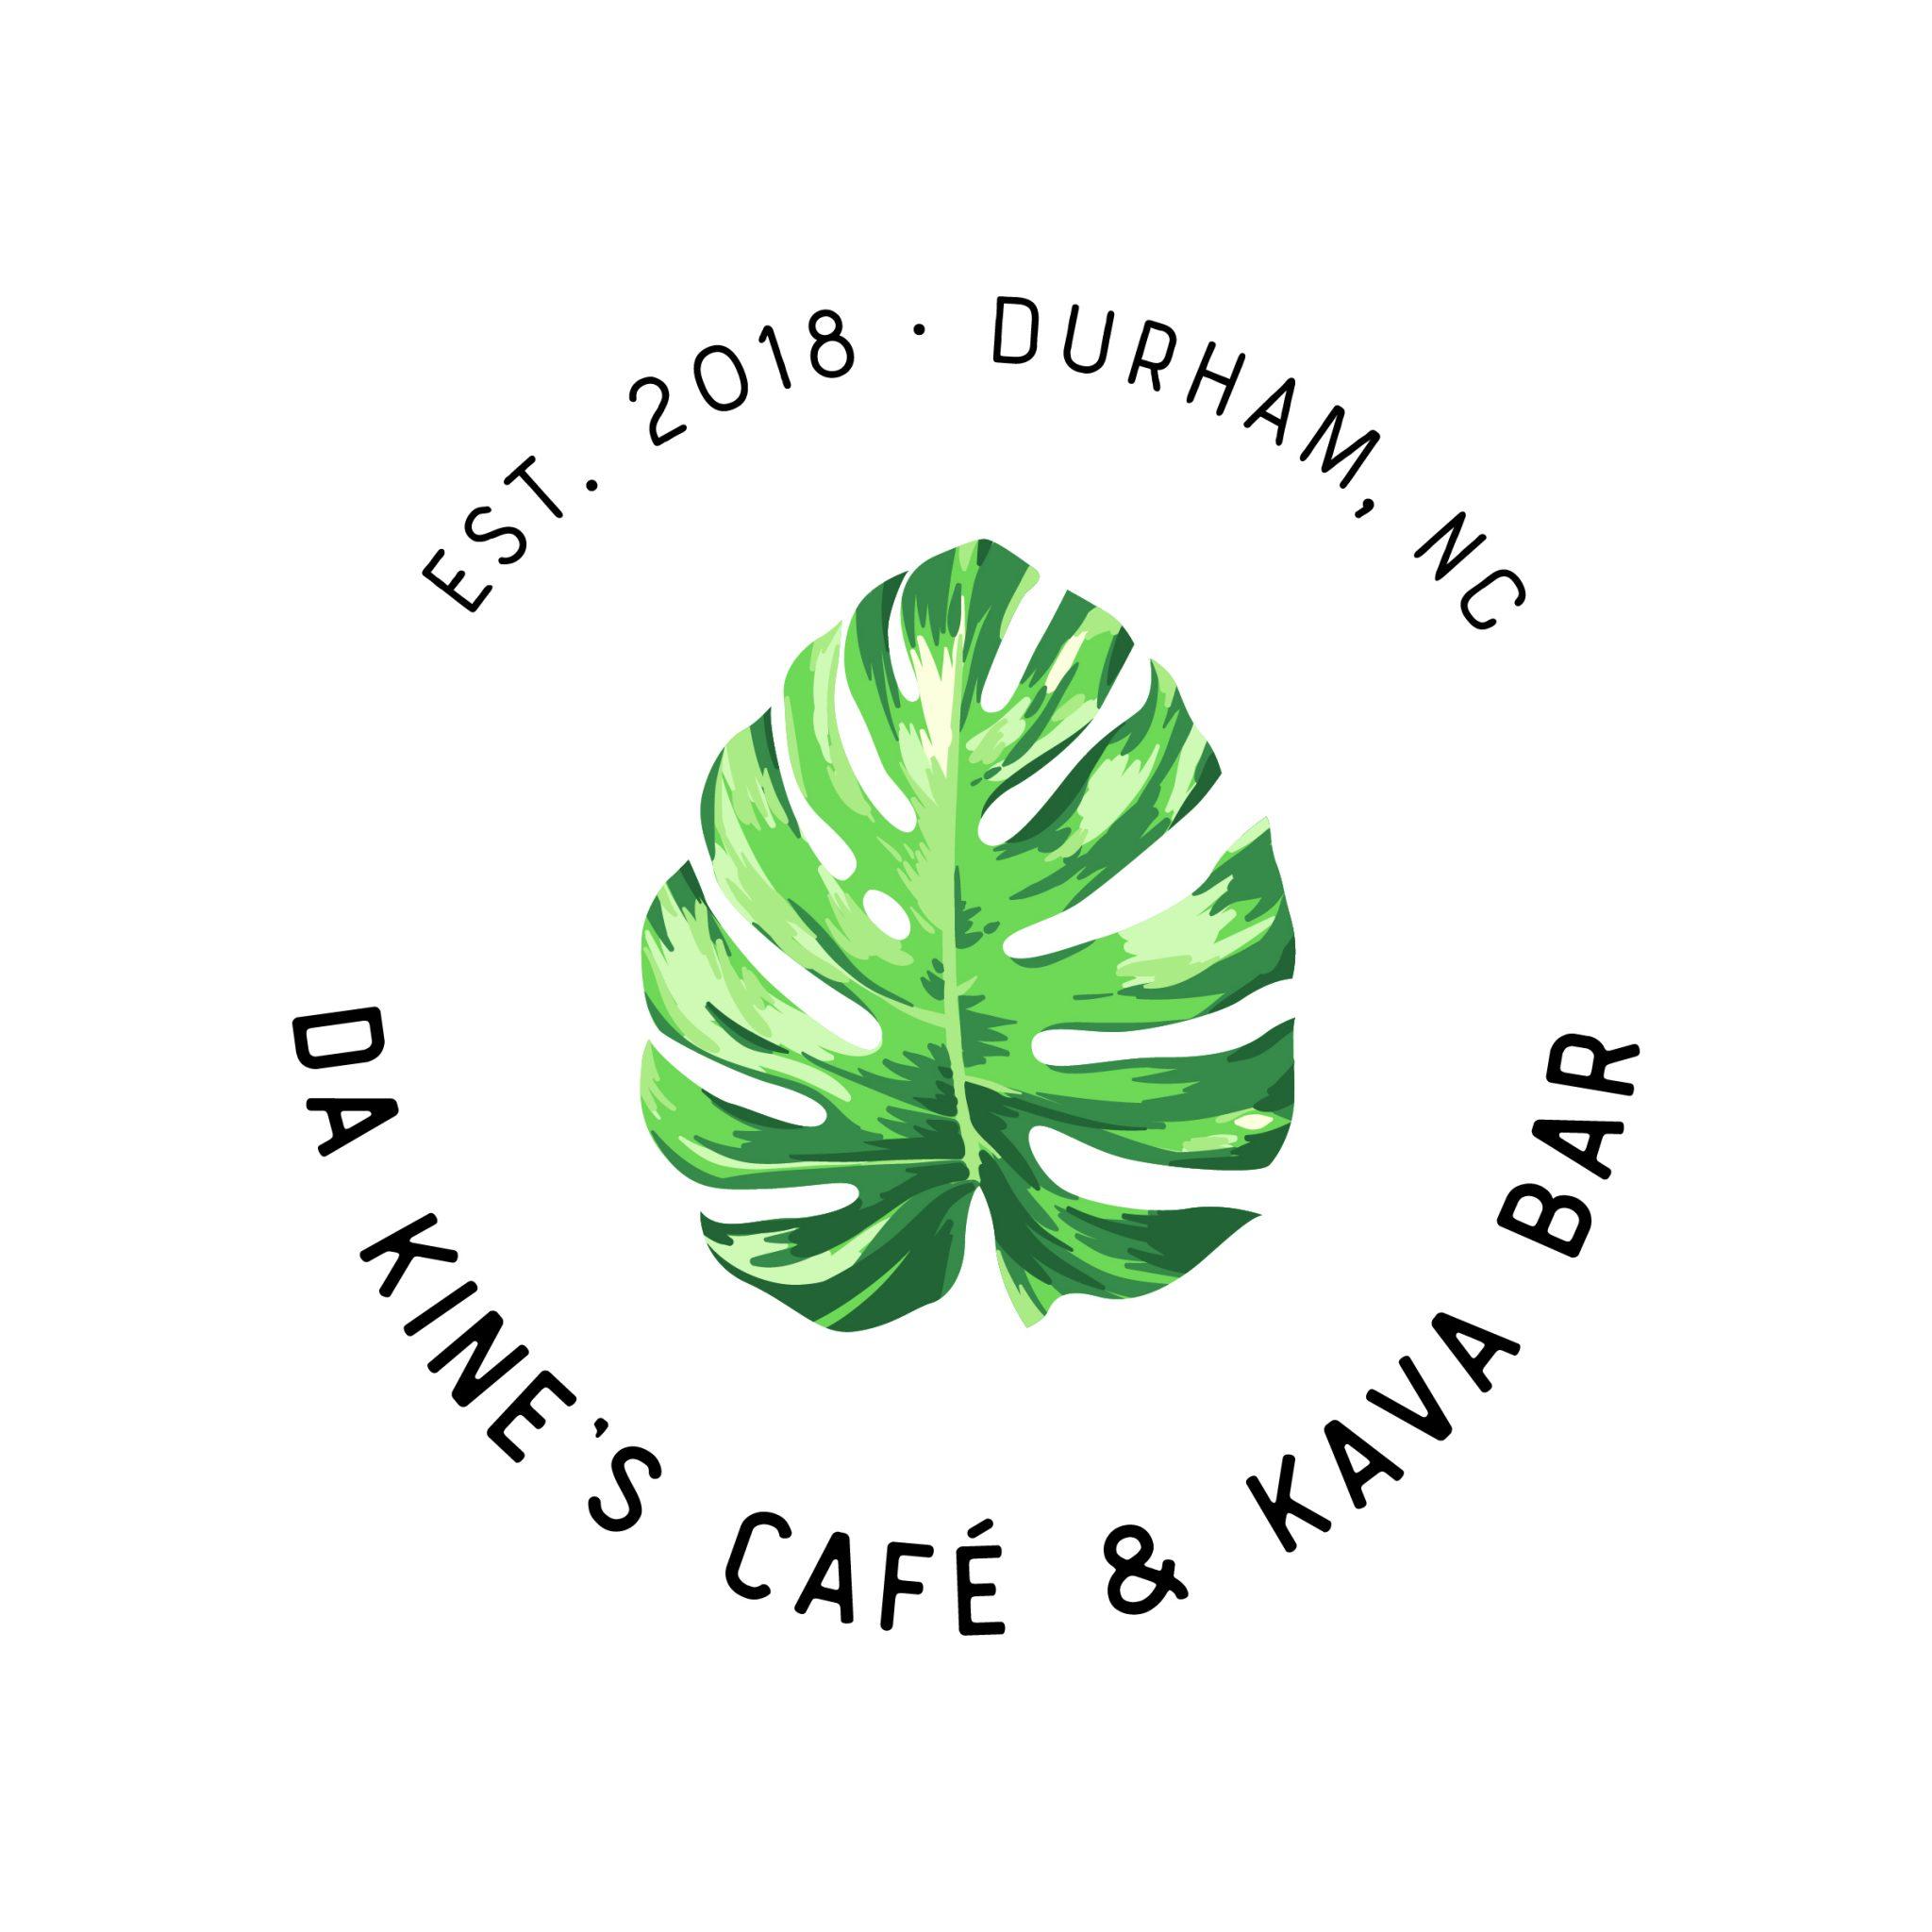 Da Kine's Café and Kava Bar